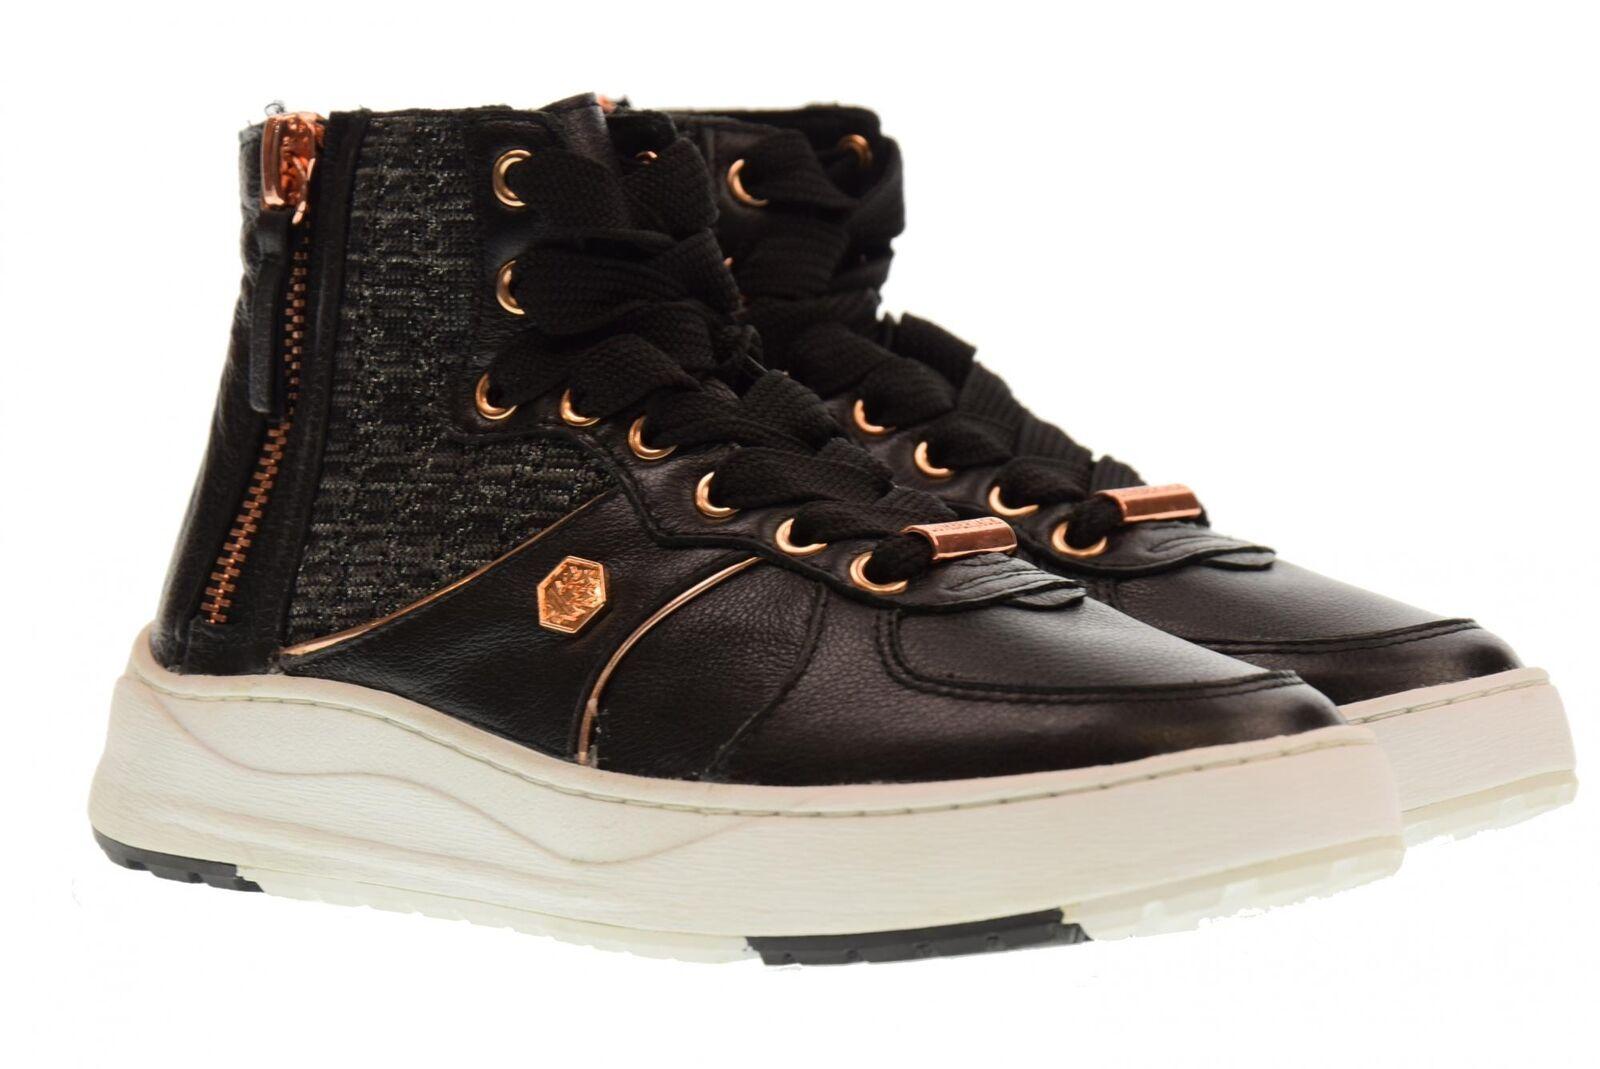 nuevo estilo Zapatos botas de mujer Kaori Kaori Kaori Lumberjack A18u SW52601-001 M08 CB001  barato en línea